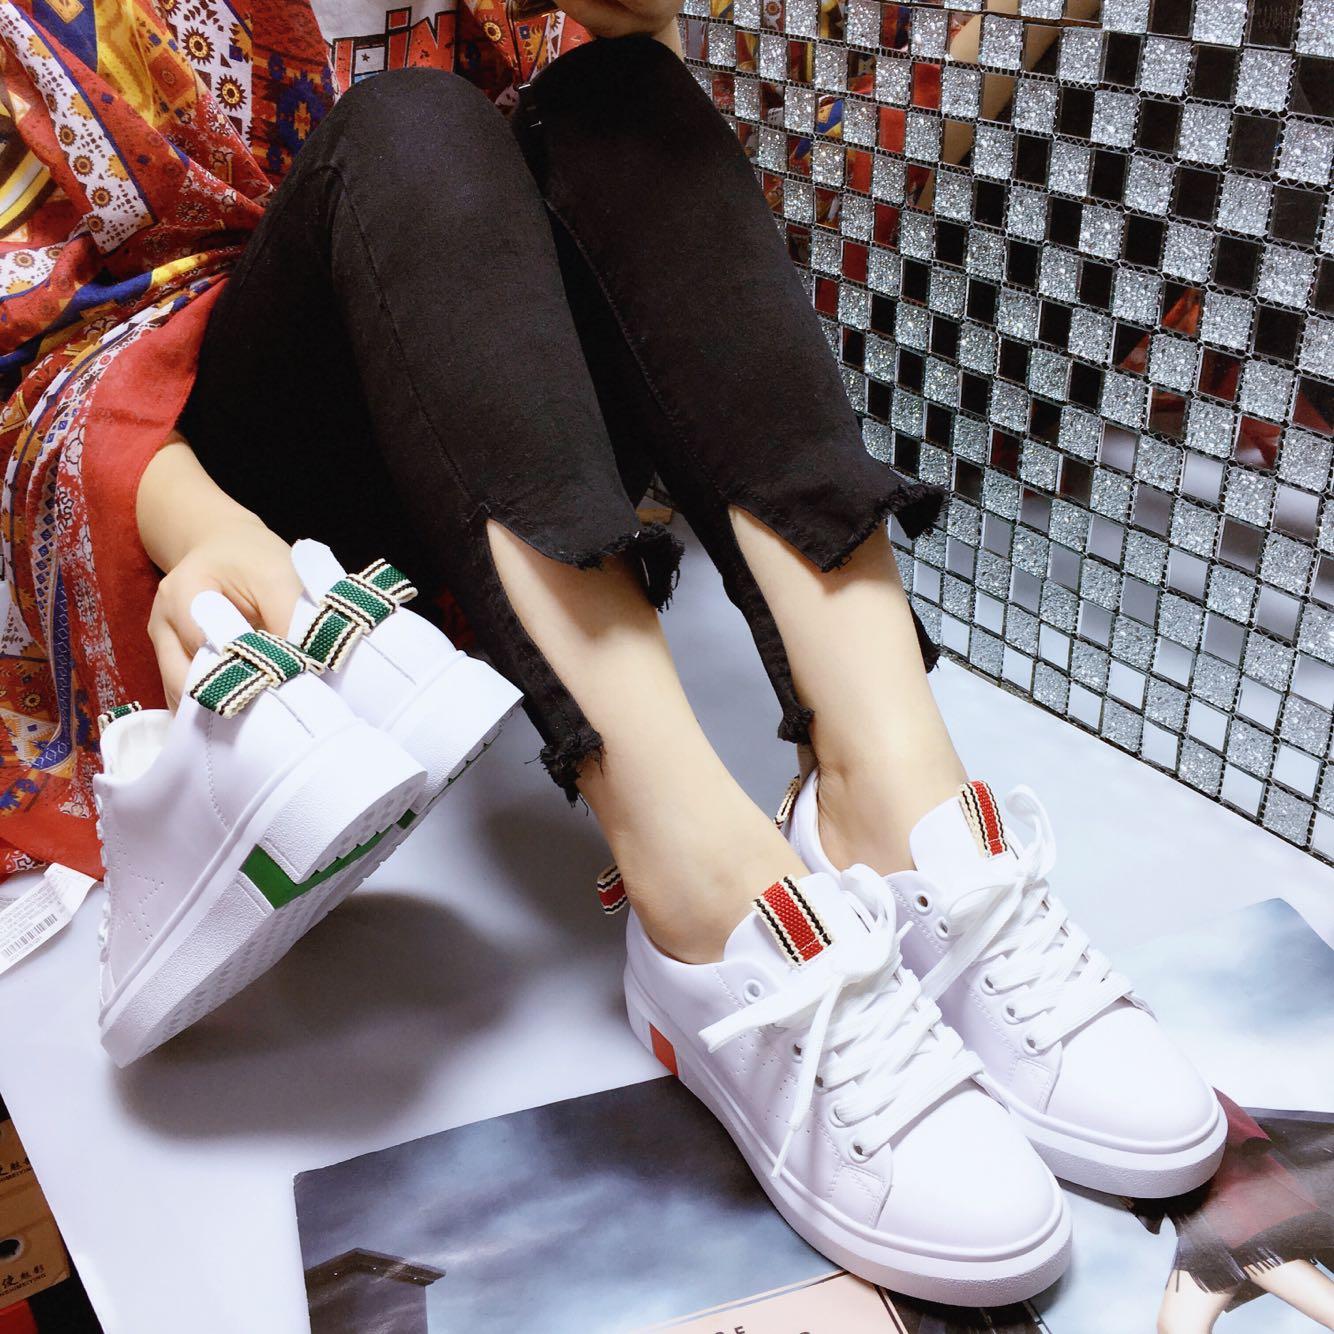 阳光丽莎小白鞋女鞋厚底运动板鞋韩版蝴蝶结百搭单鞋2017新款